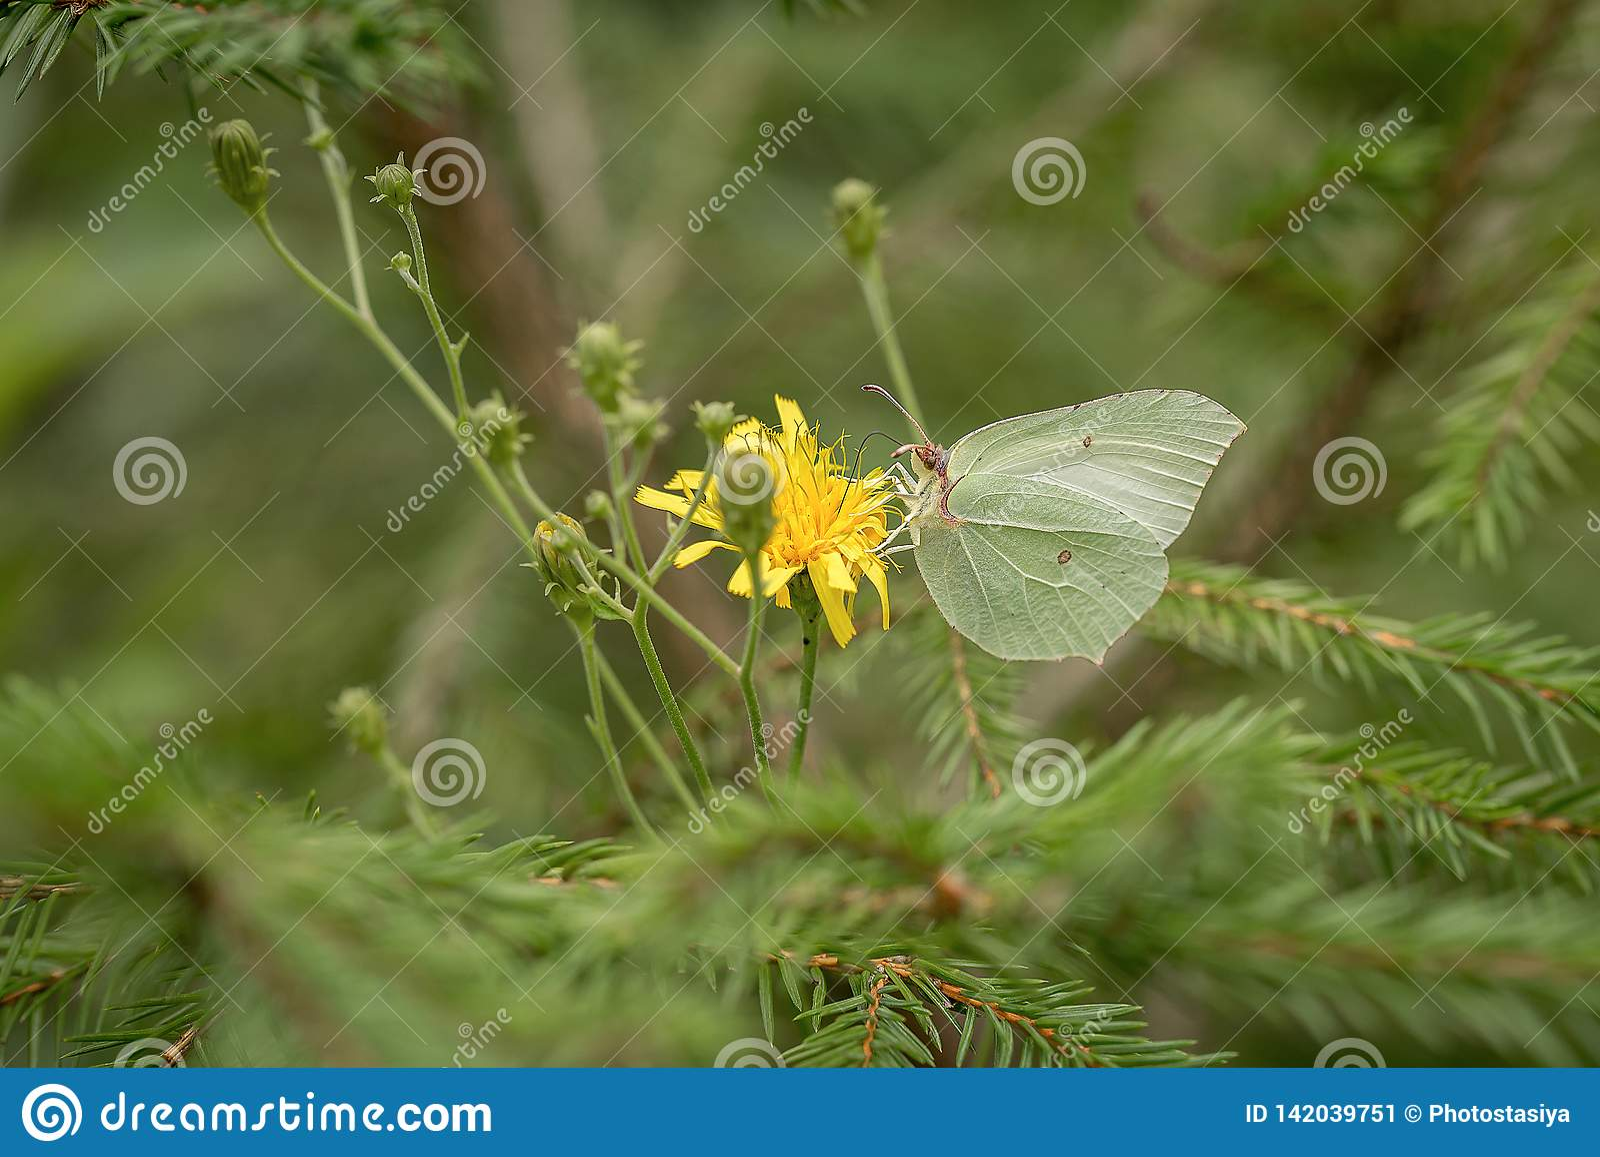 Mariposa en el campo verde